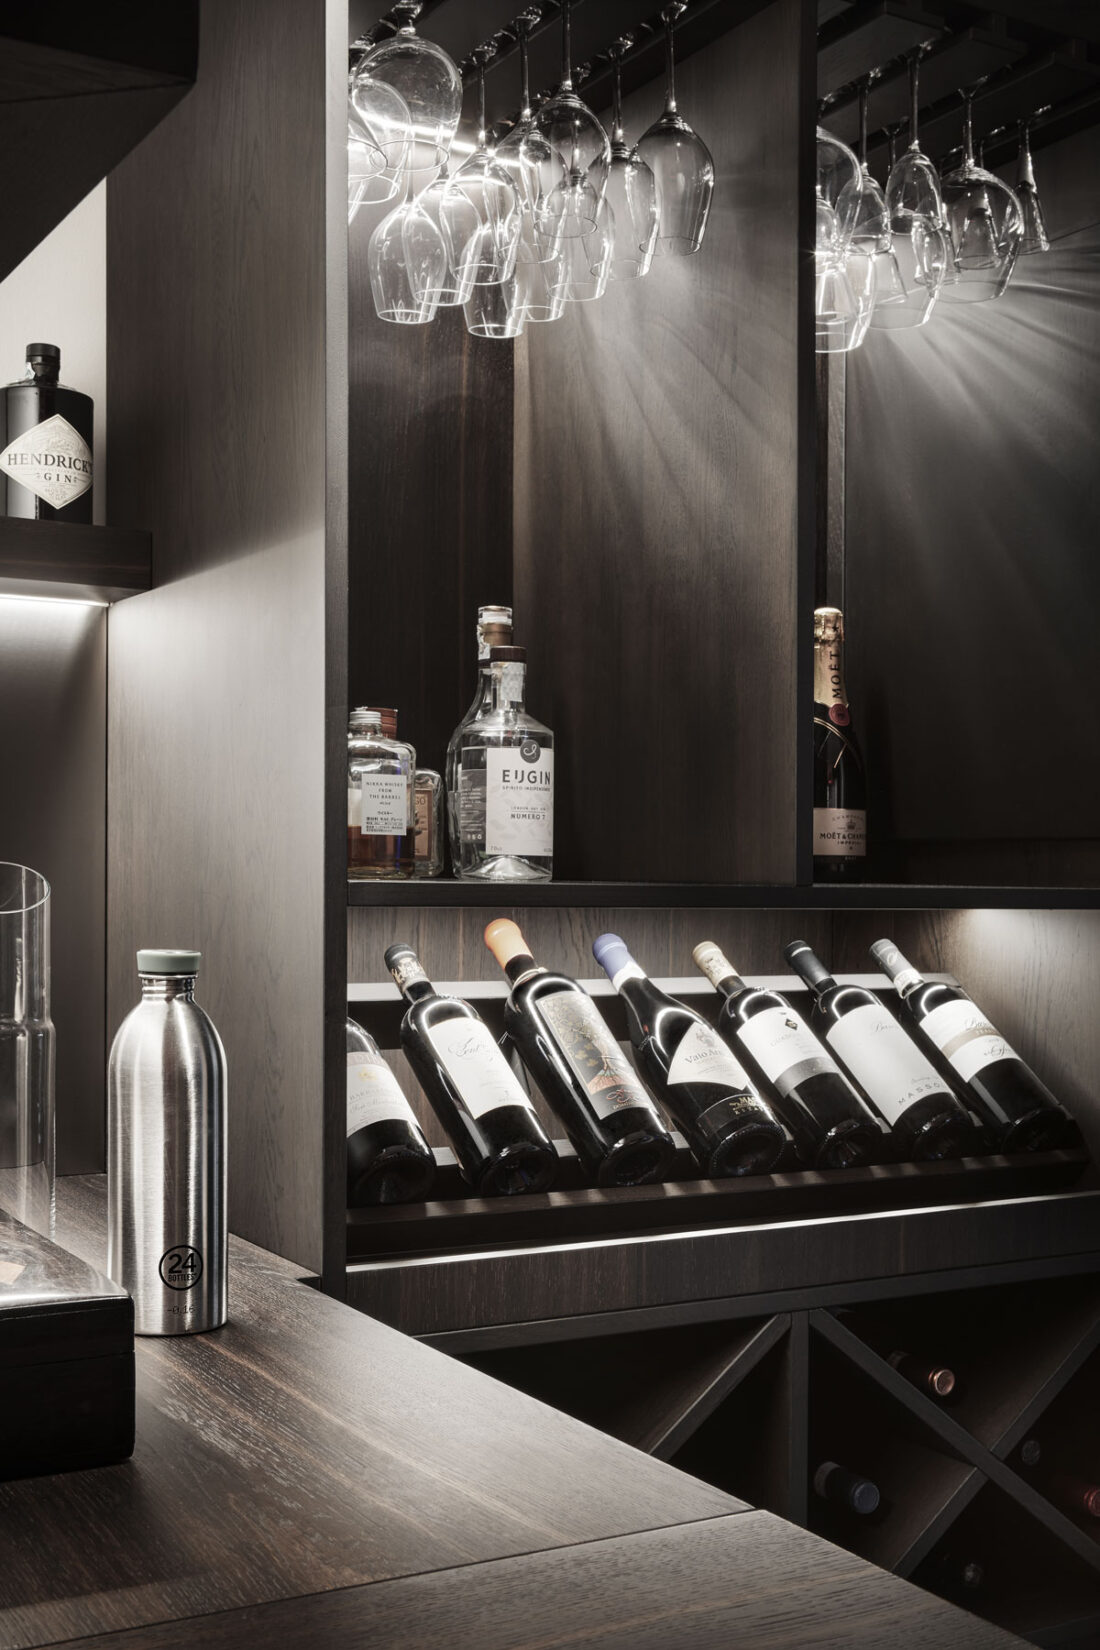 cantina privata in legno con vini di lusso, alcolici e bicchieri